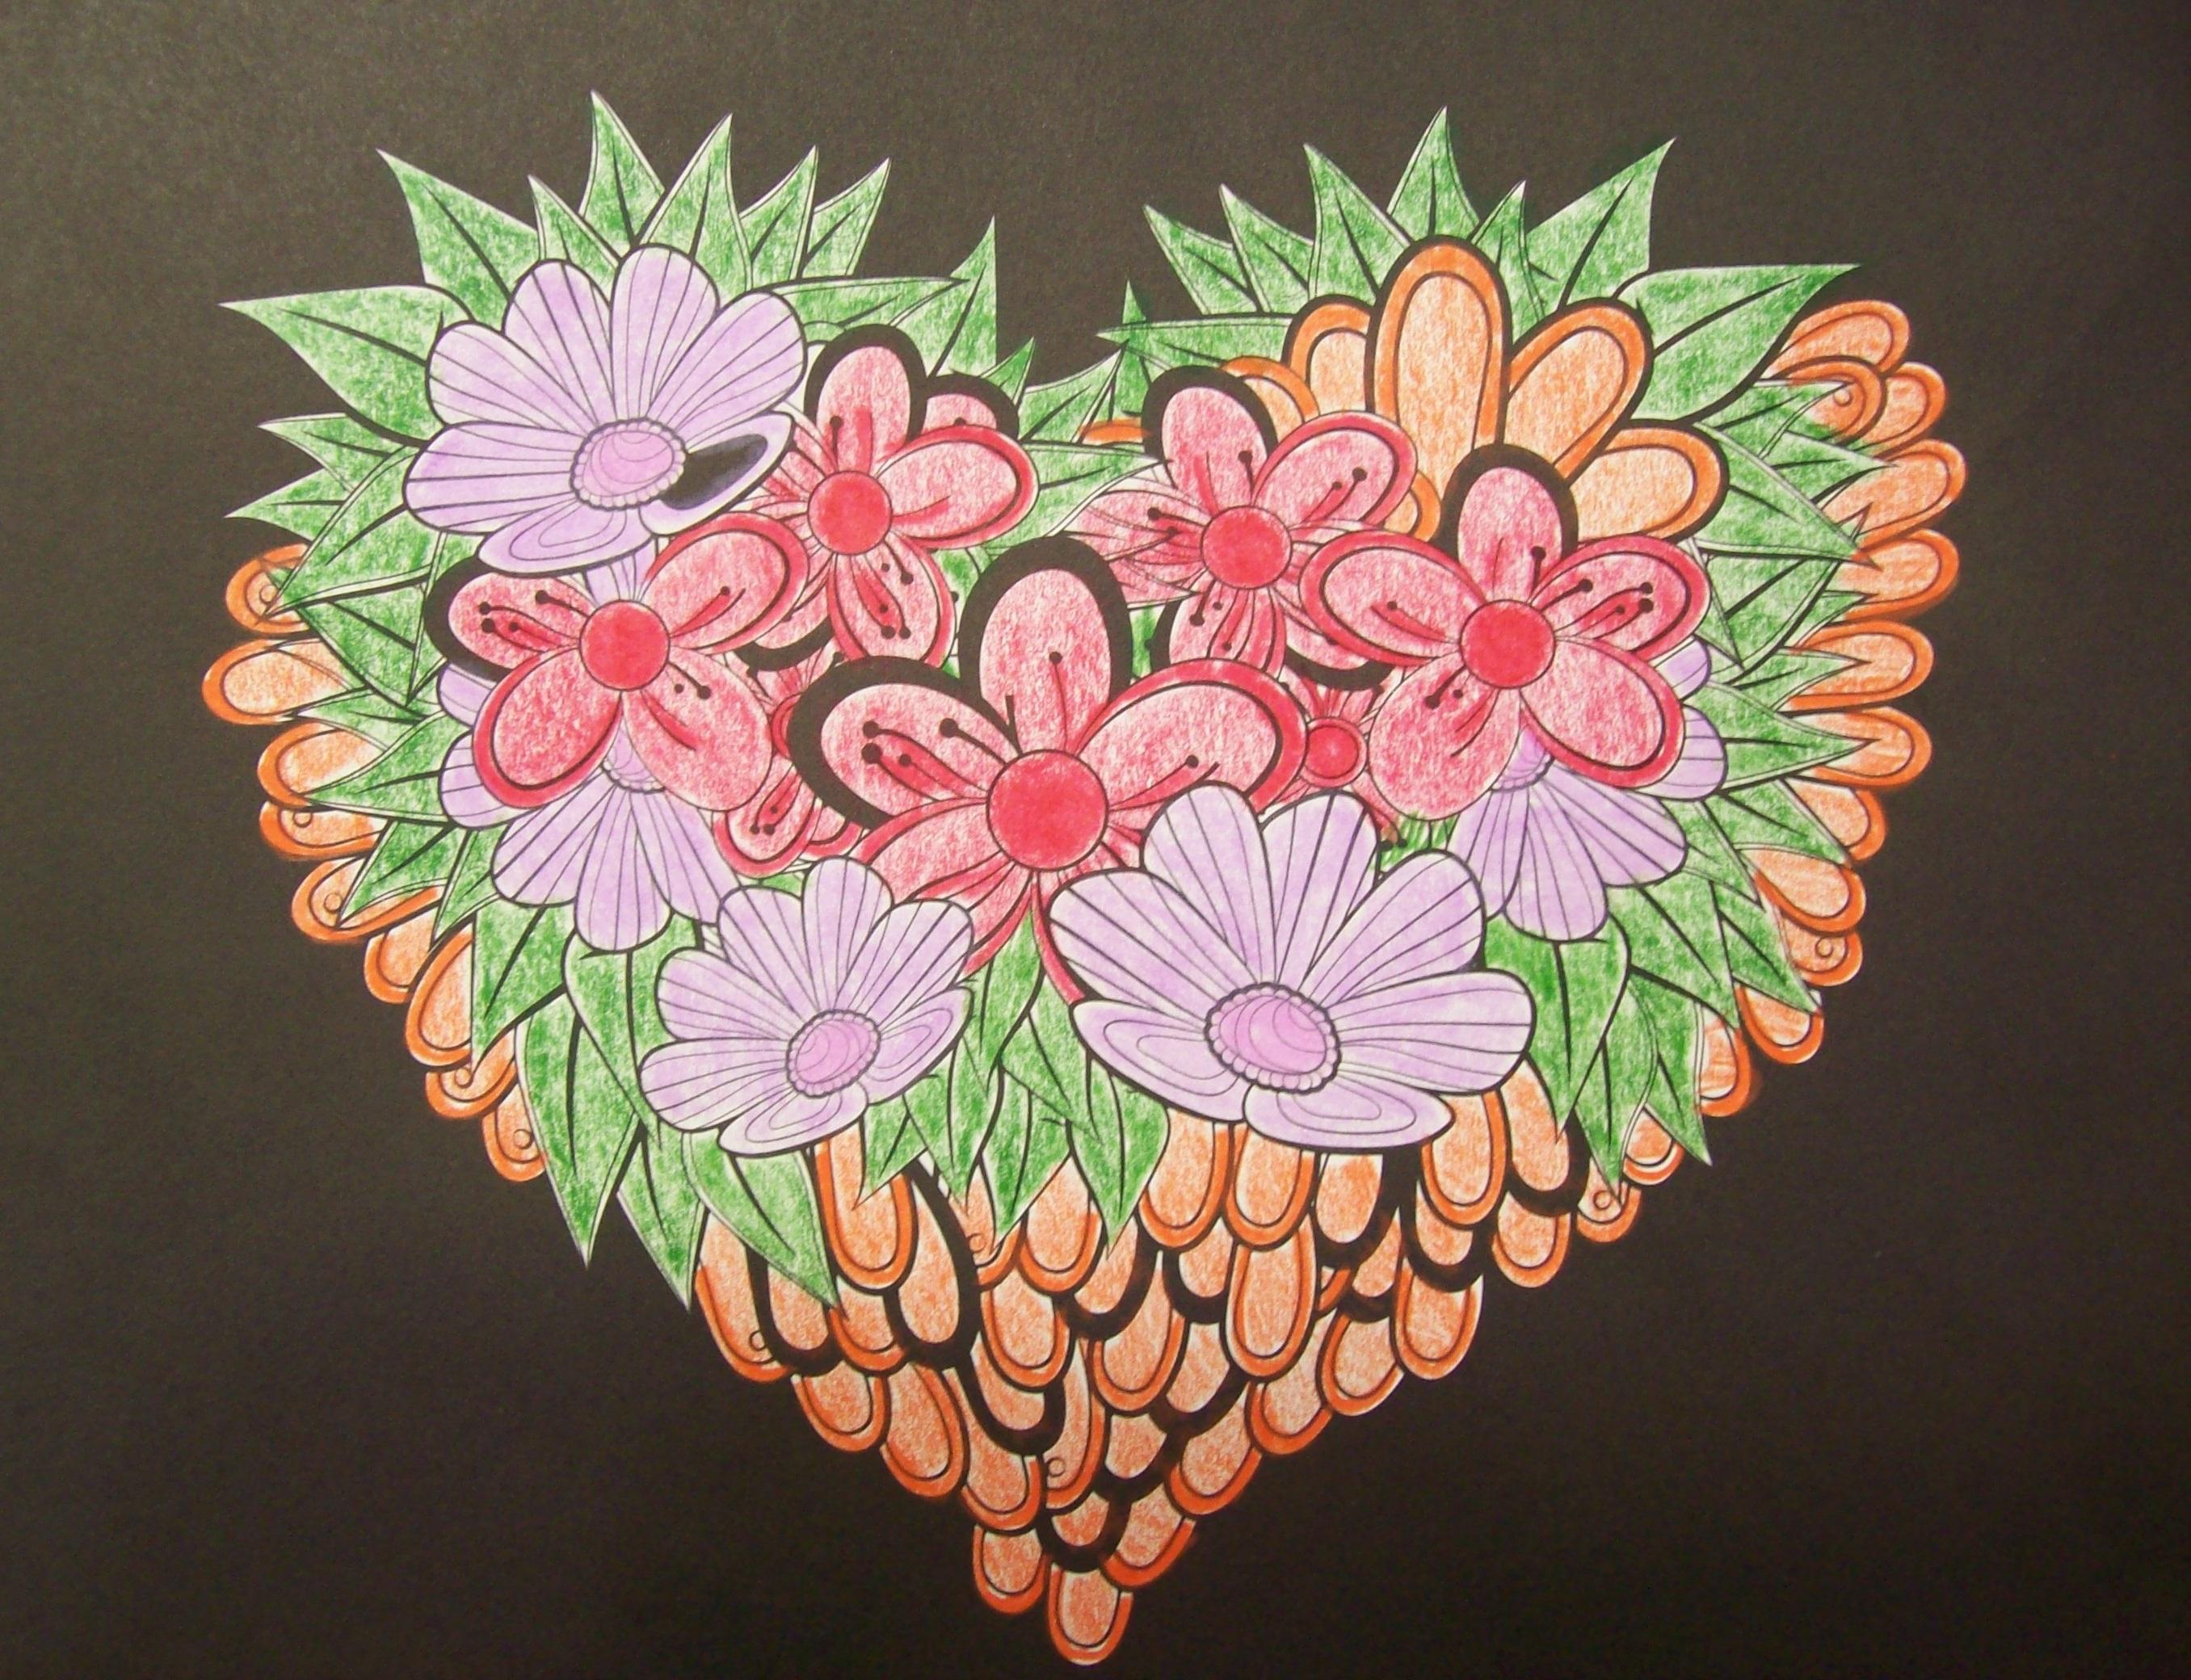 Coloriage Fleur Coucou.Coloriage Pour Adultes Simplement La Vie